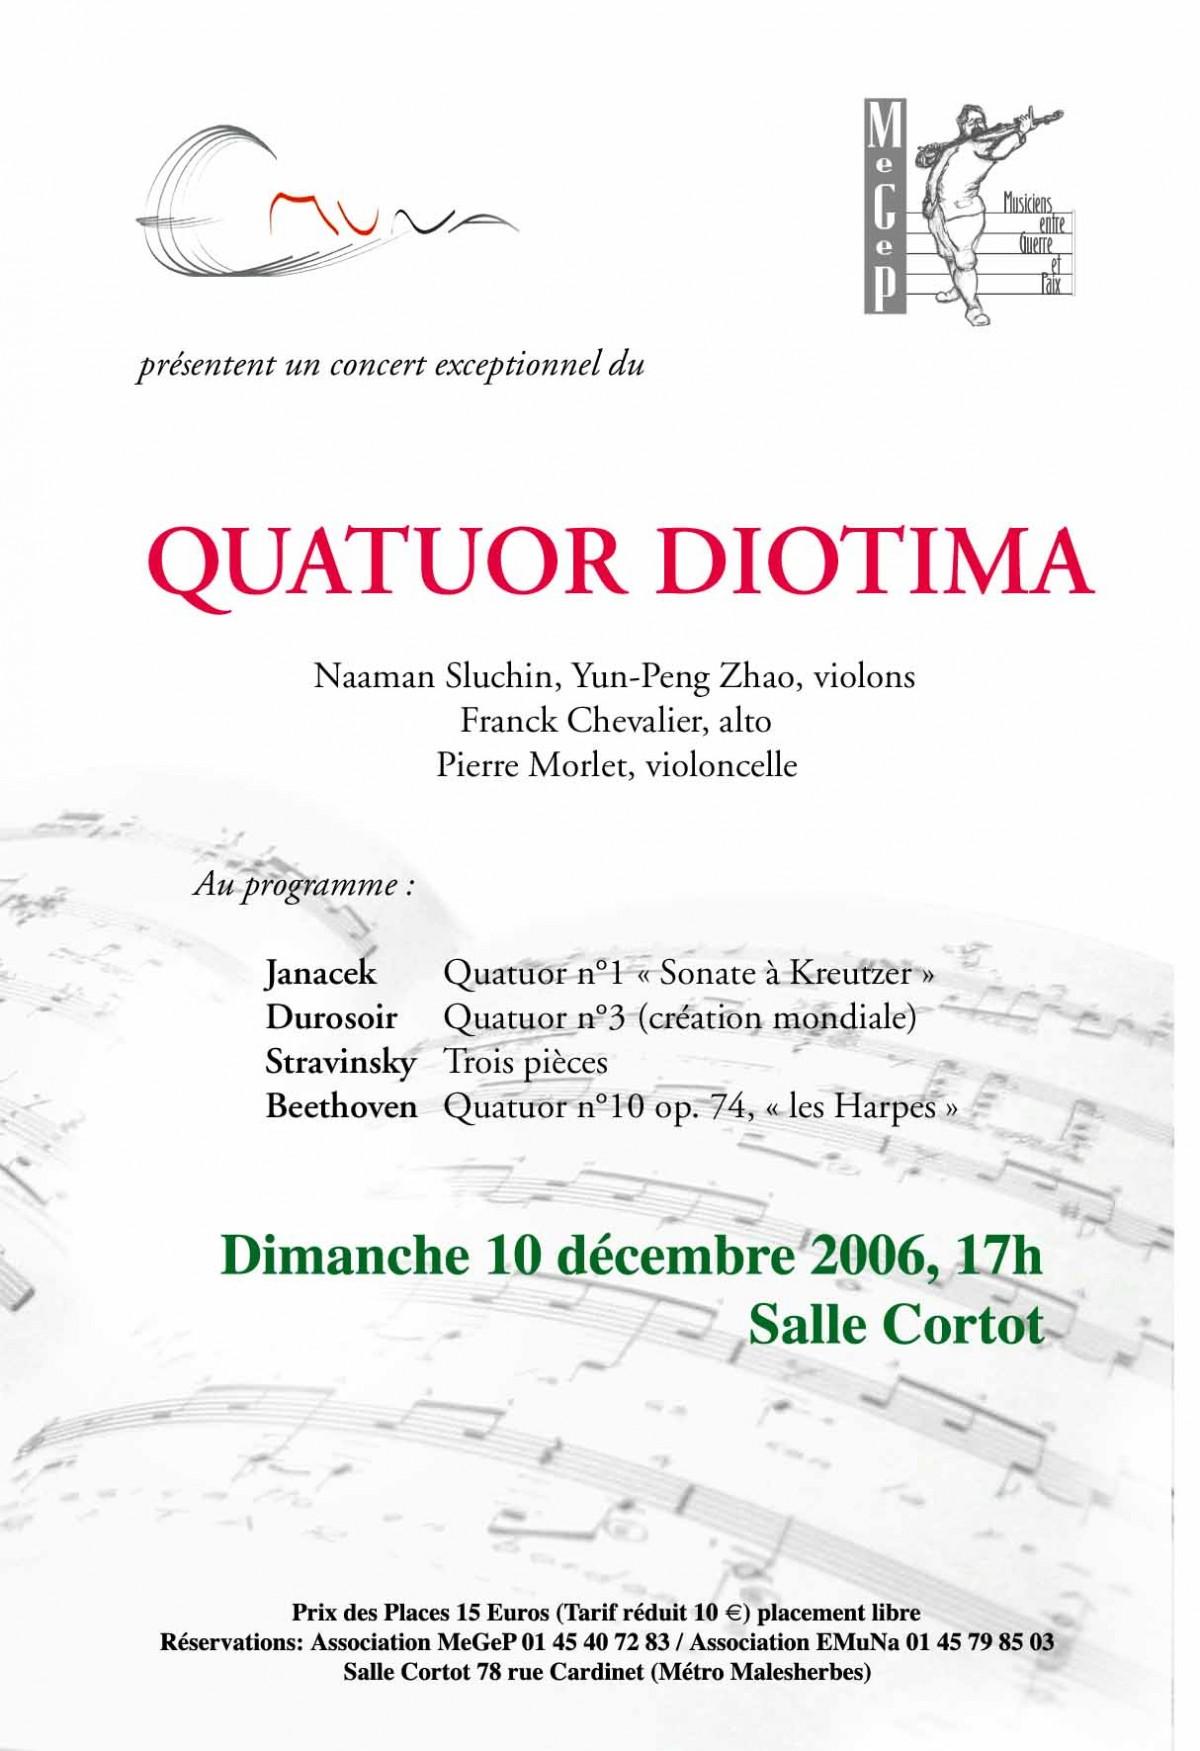 2006 Diotima Flyer